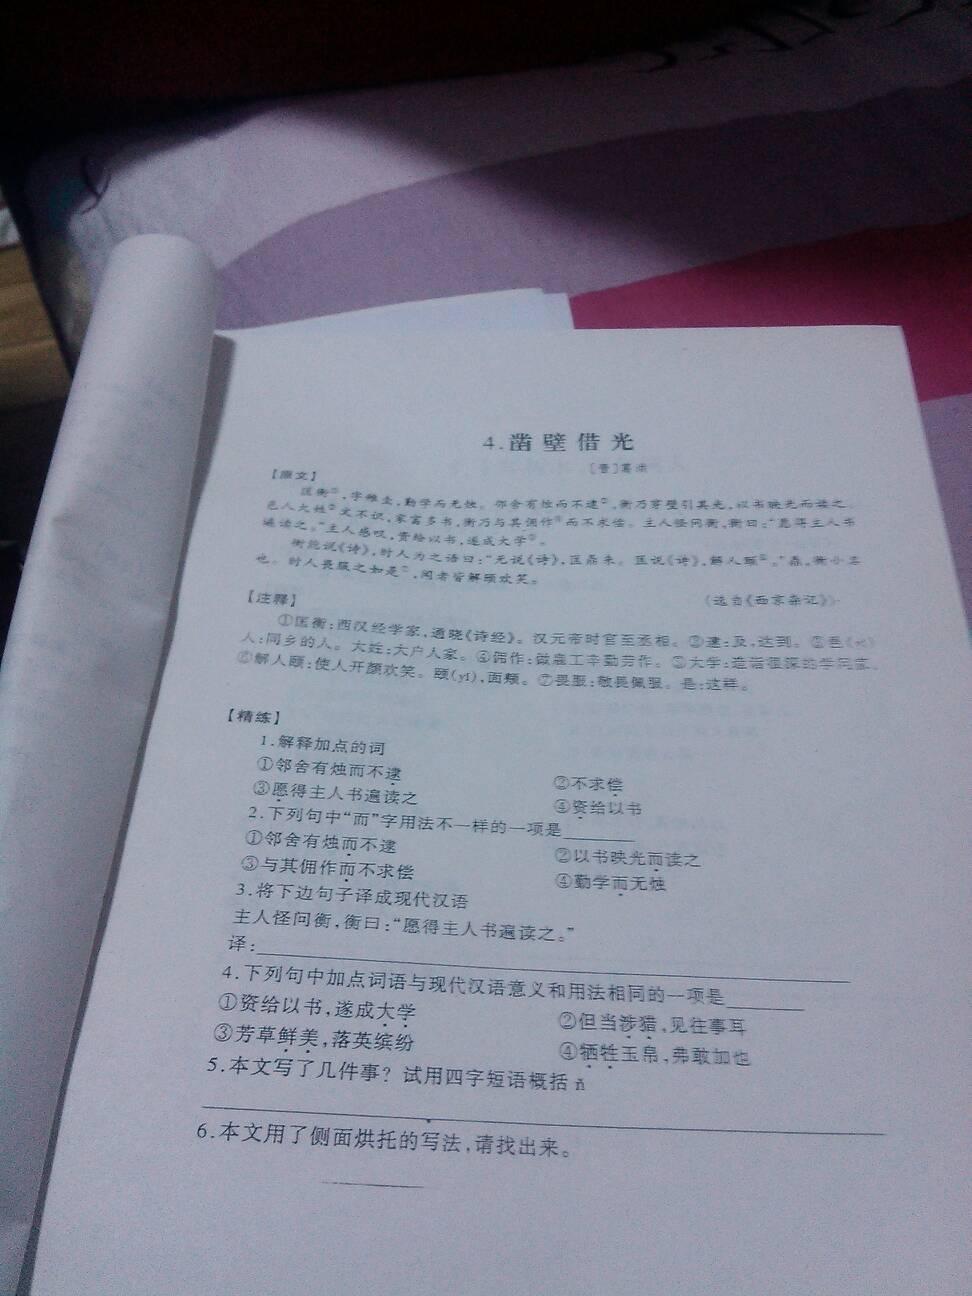 翻译古文赵壁借光翻译古文图片